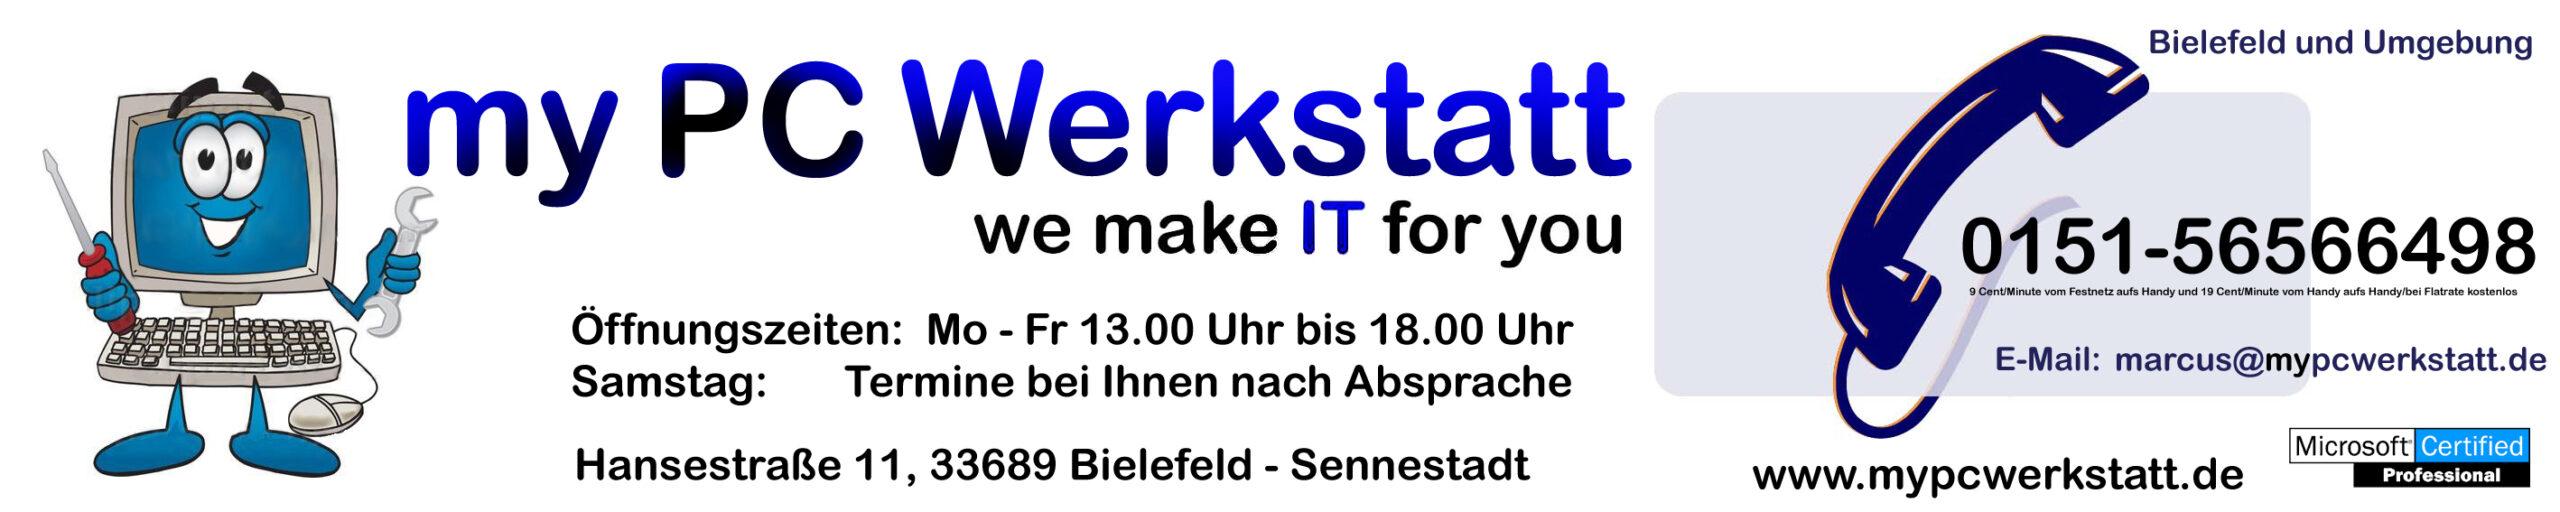 Adresse-Banner-Hansestrasse